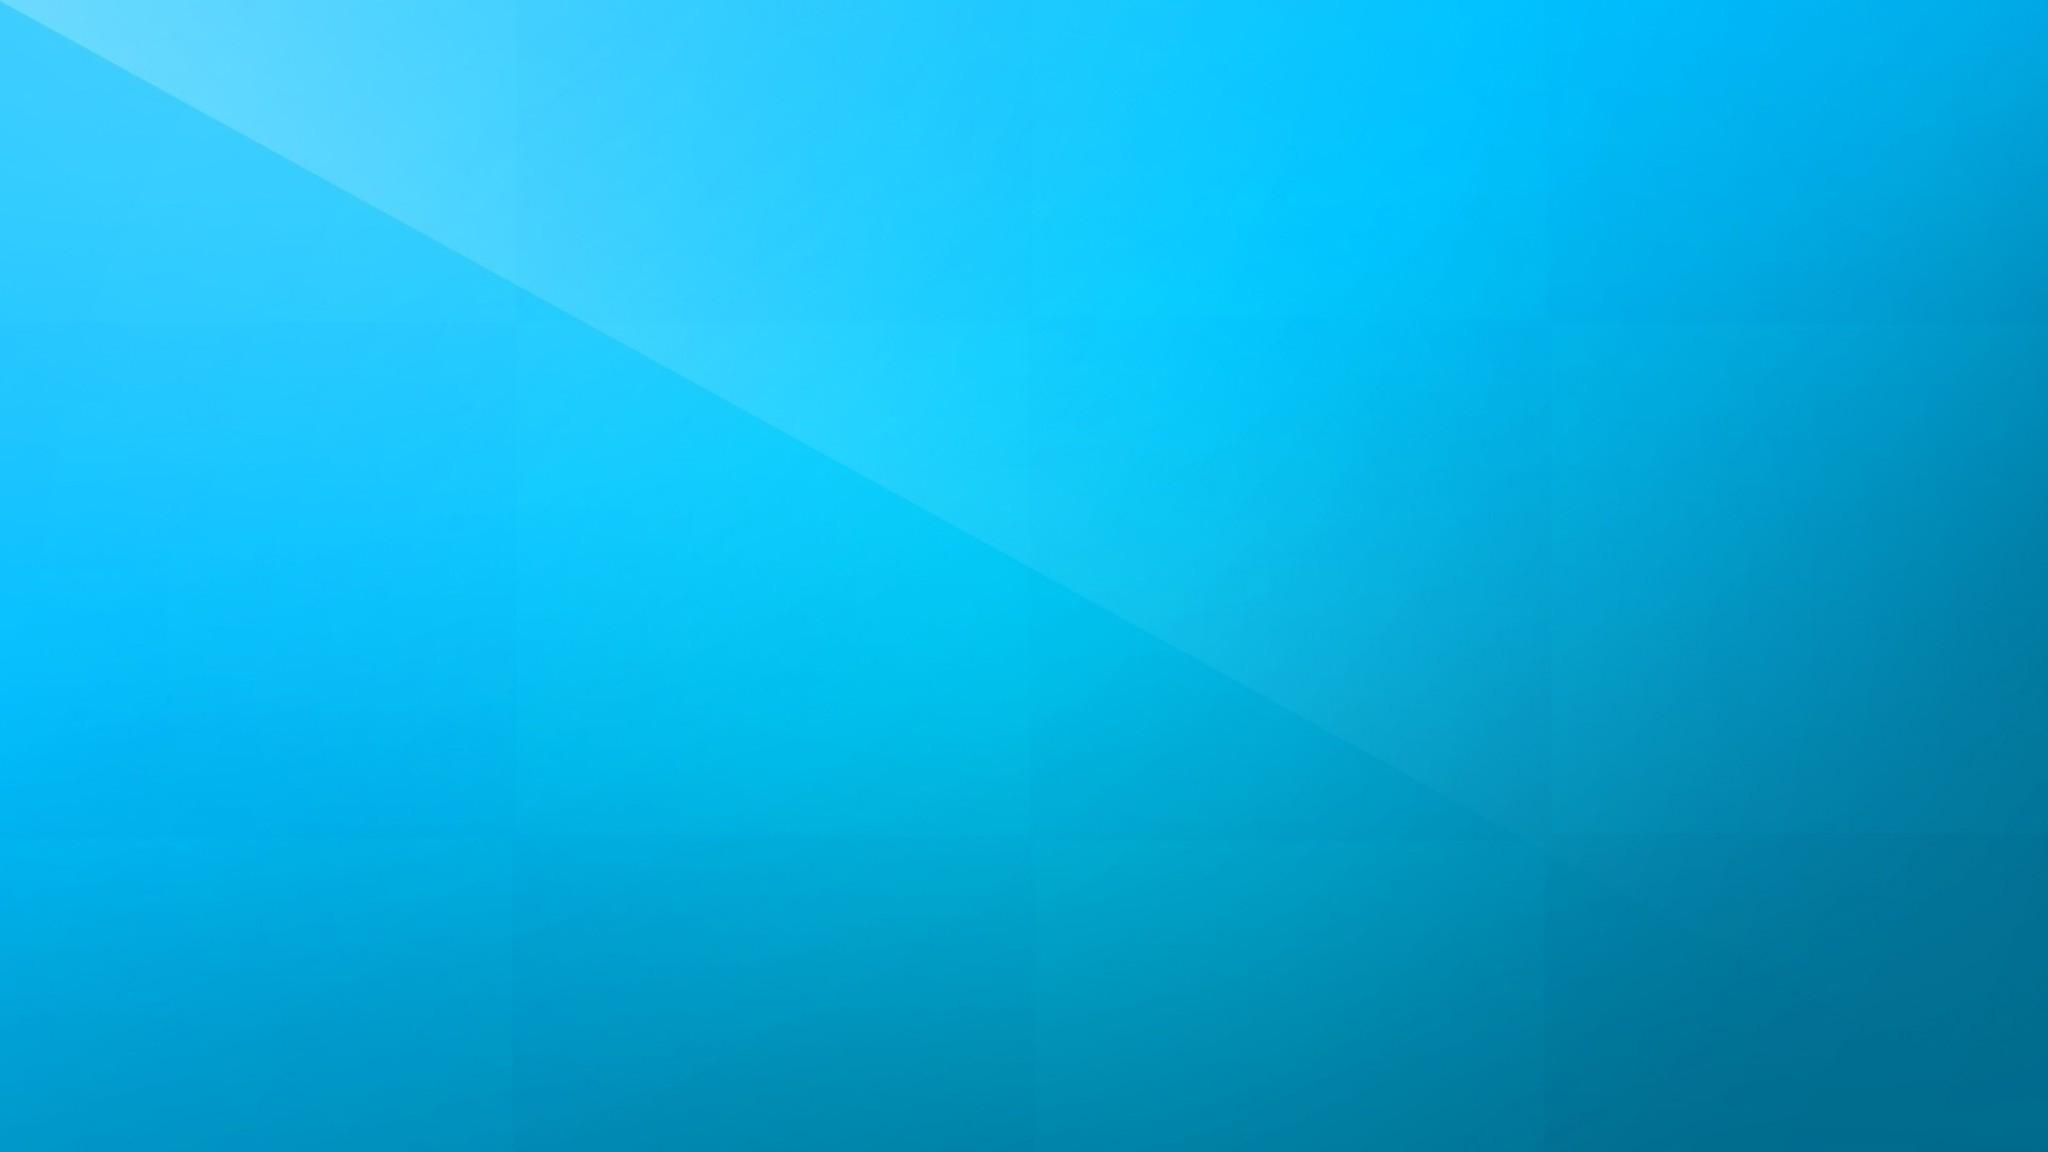 6837675-solid-color-background.jpg (2048×1152)